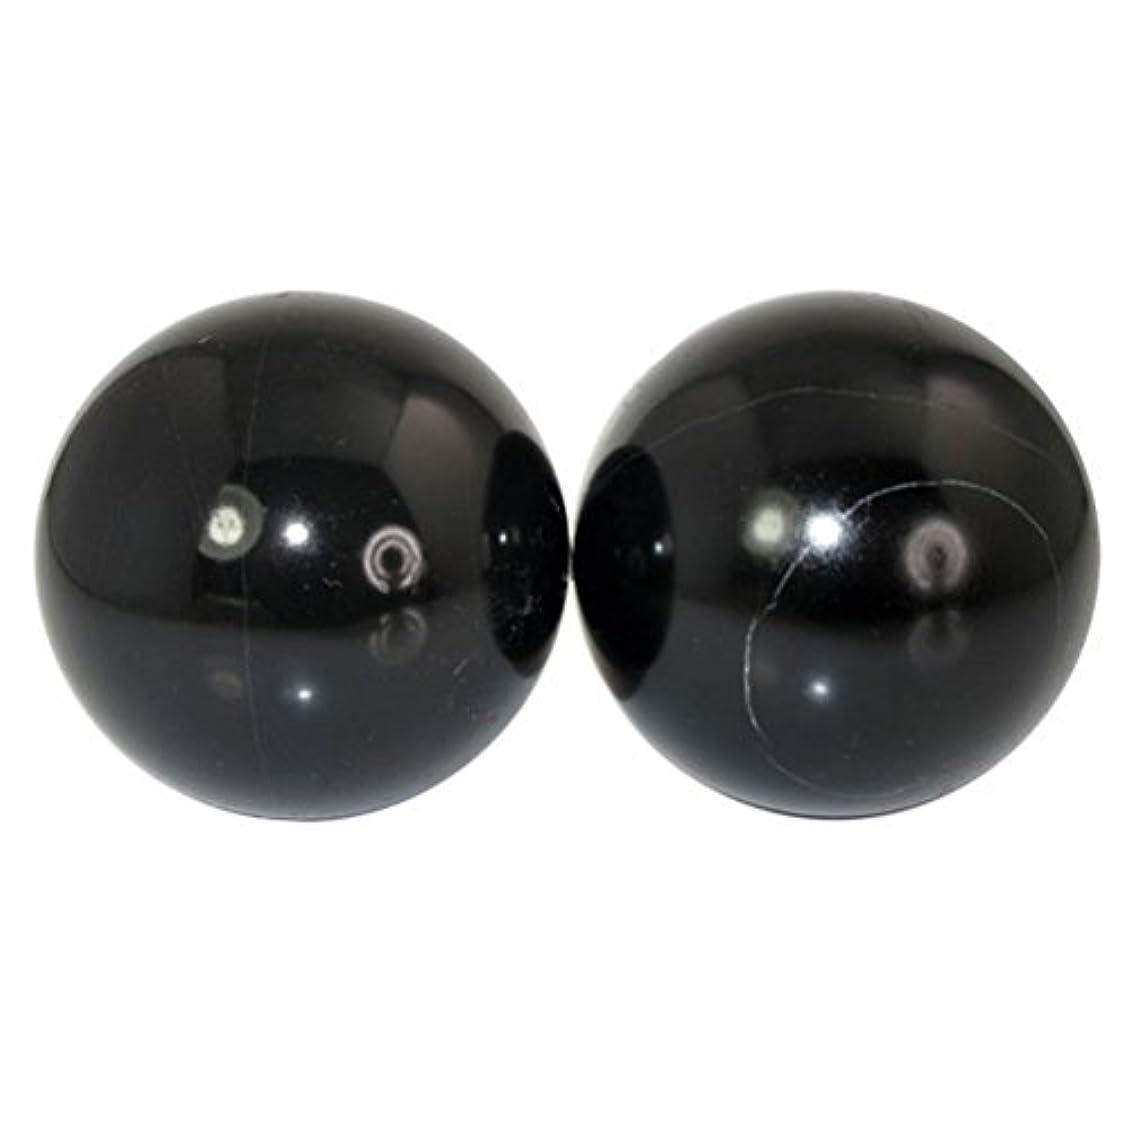 結紮クラシカル溢れんばかりのROSENICE 2個 ハンドエクササイズボール ハンドセラピーストレスレリーフ(黑)